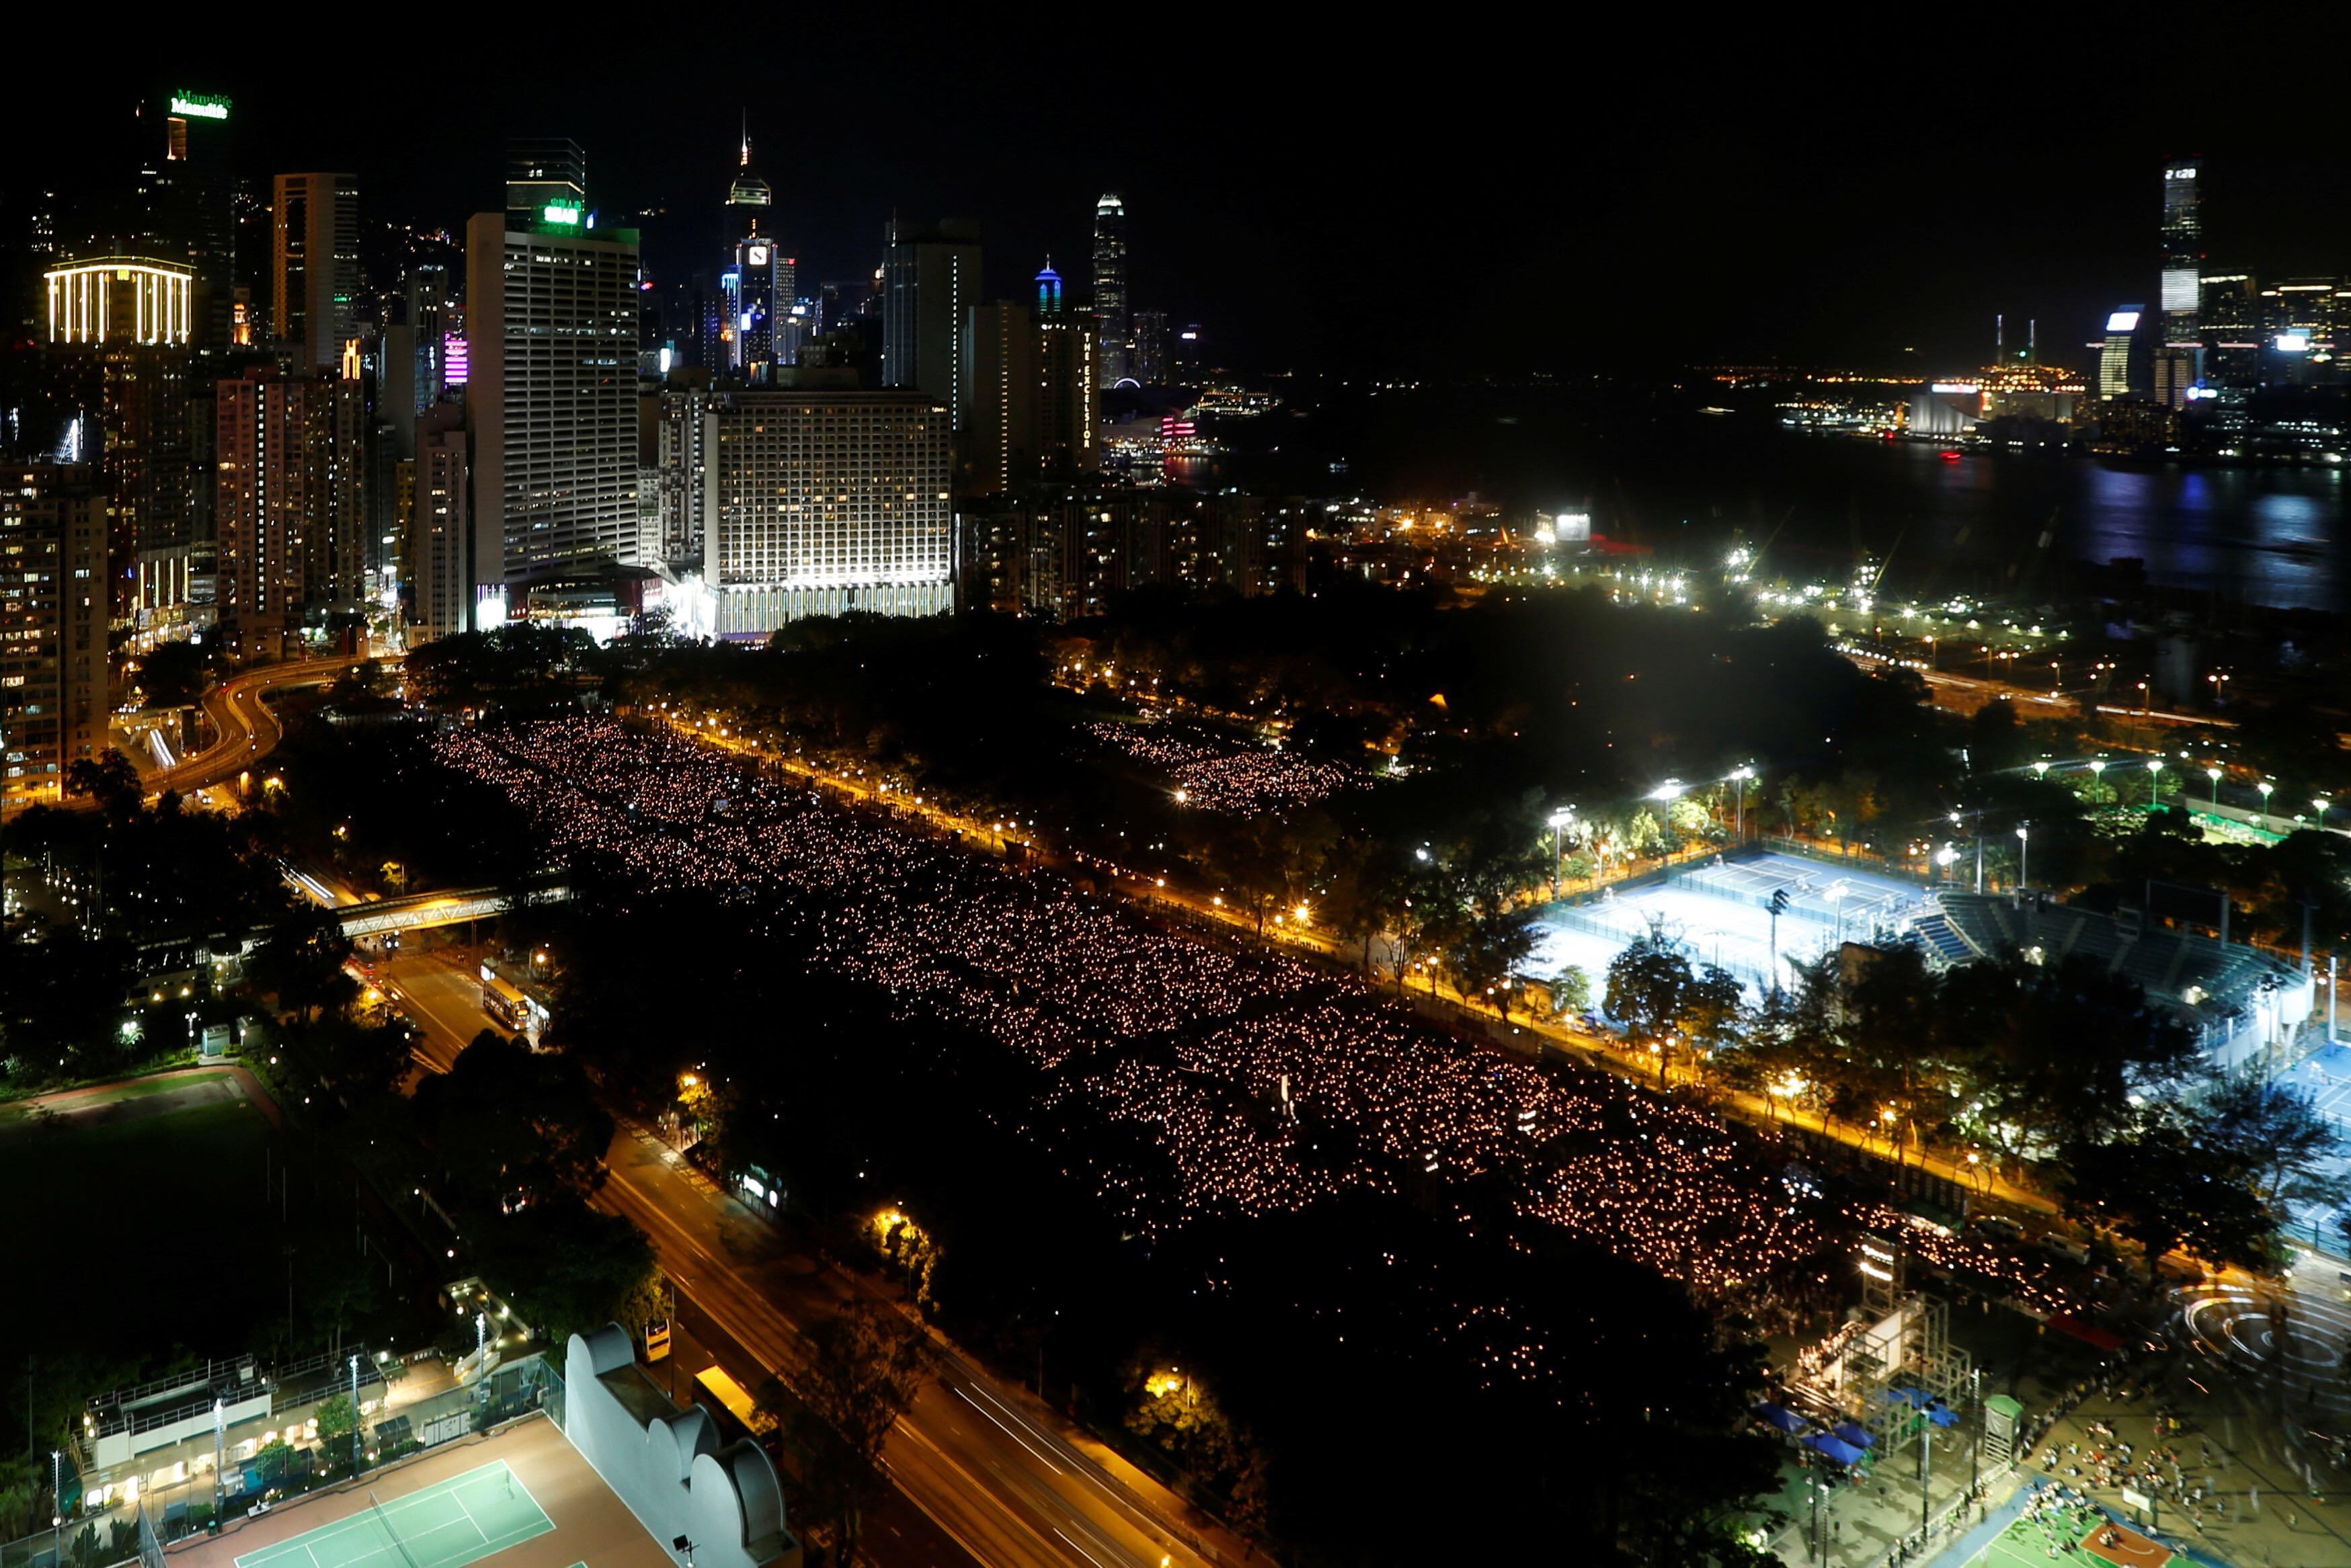 香港支聯會於維多利亞公園舉行六四廿七周年晚會。